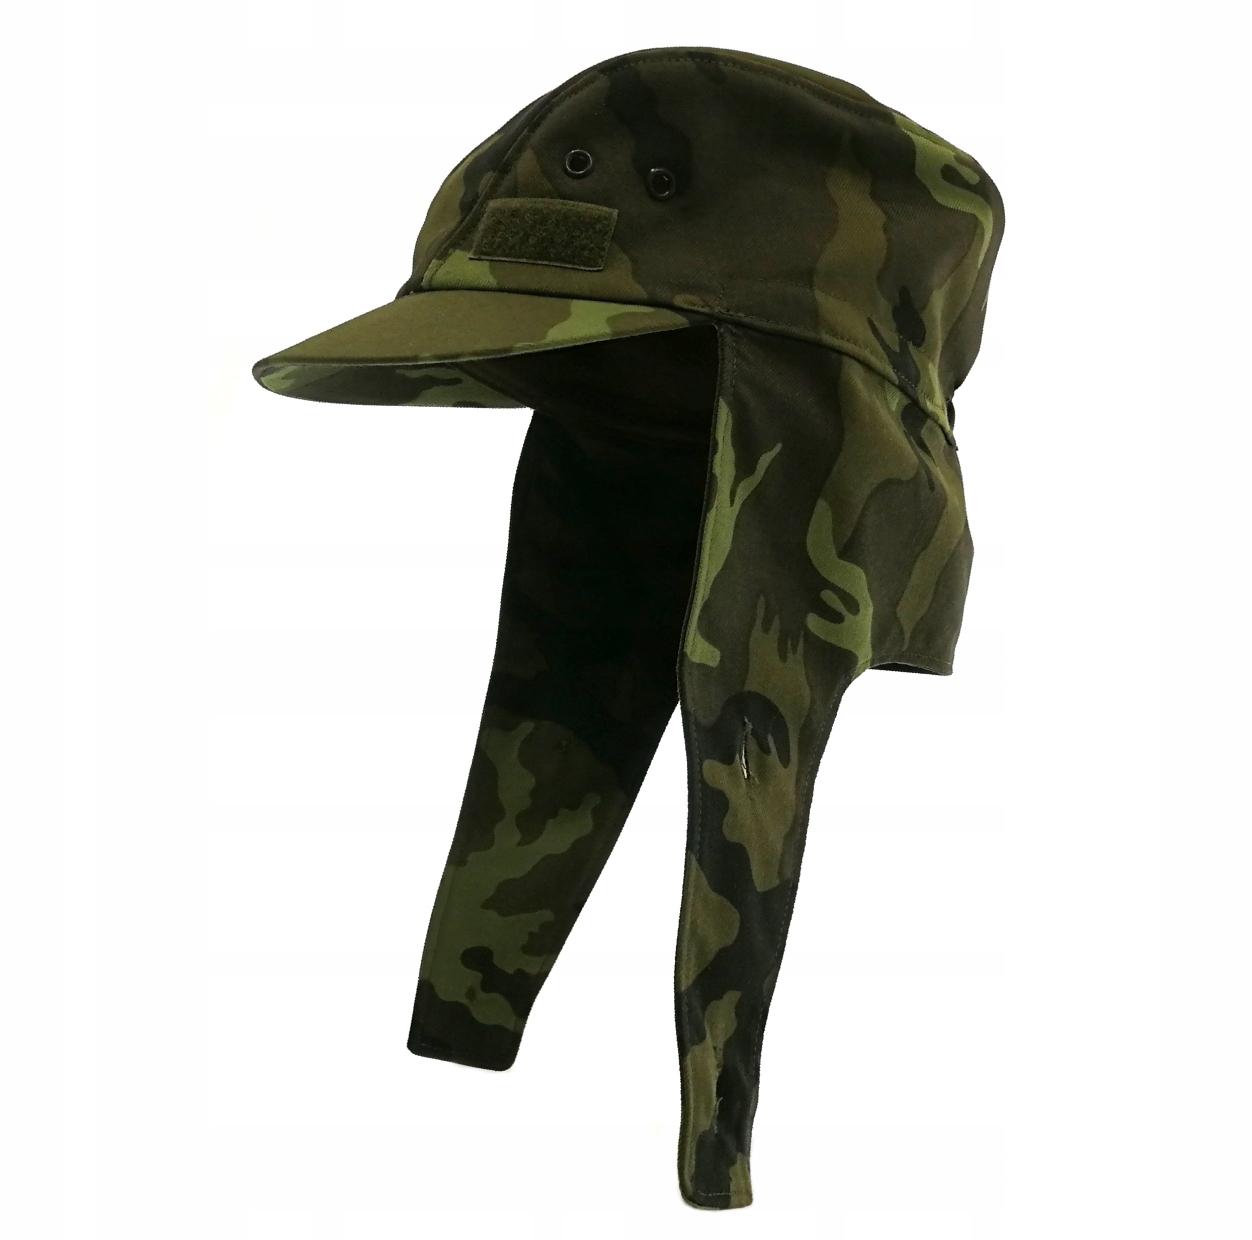 CZAPKA wojskowa oryg. PATROLÓWKA wz.95 M/57 NOWA